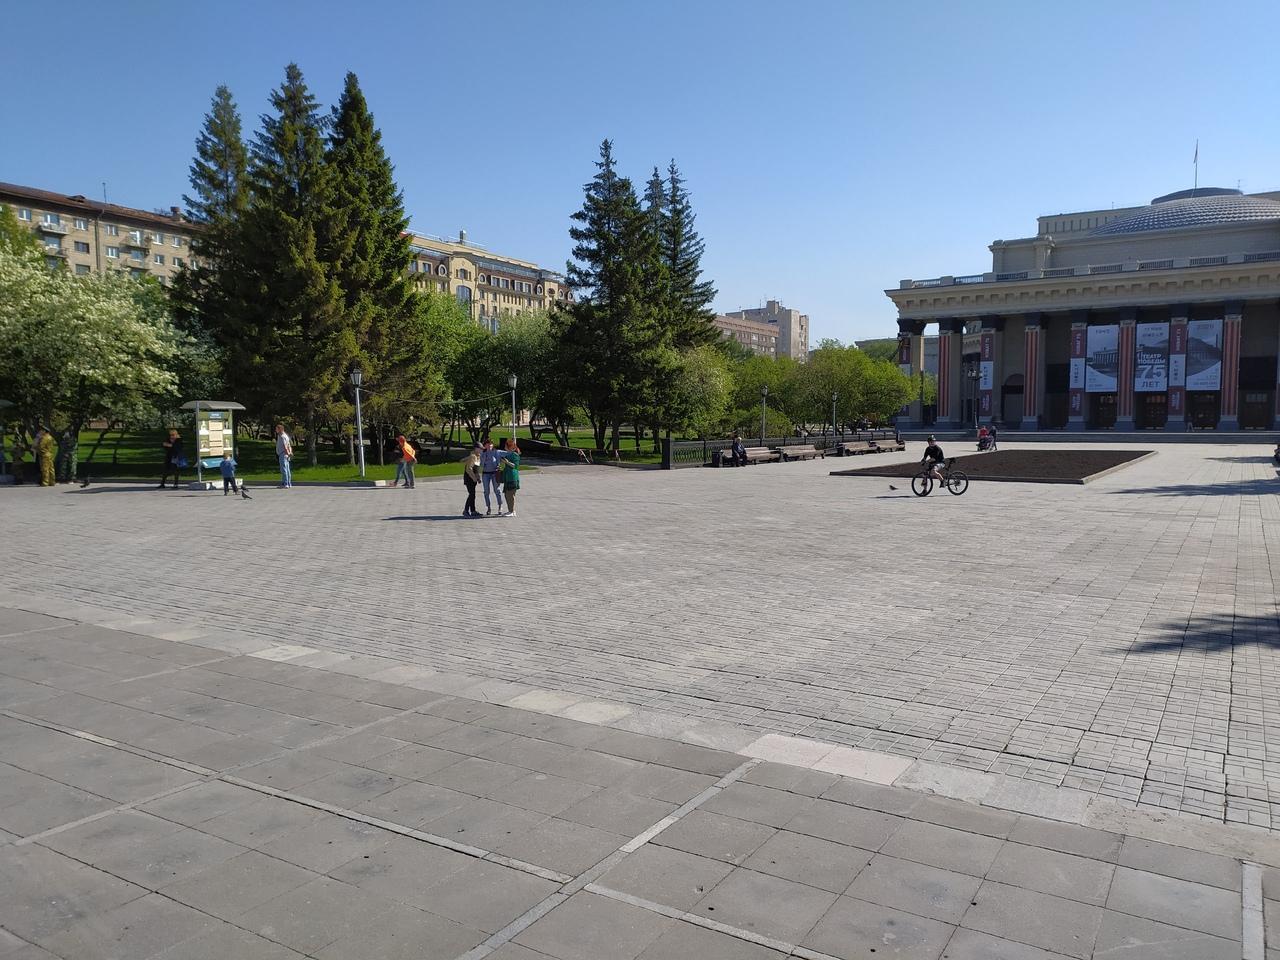 фото Парад в небе, виртуальный Монумент Славы, салют онлайн: как отметили День Победы-2020 в Новосибирске 2